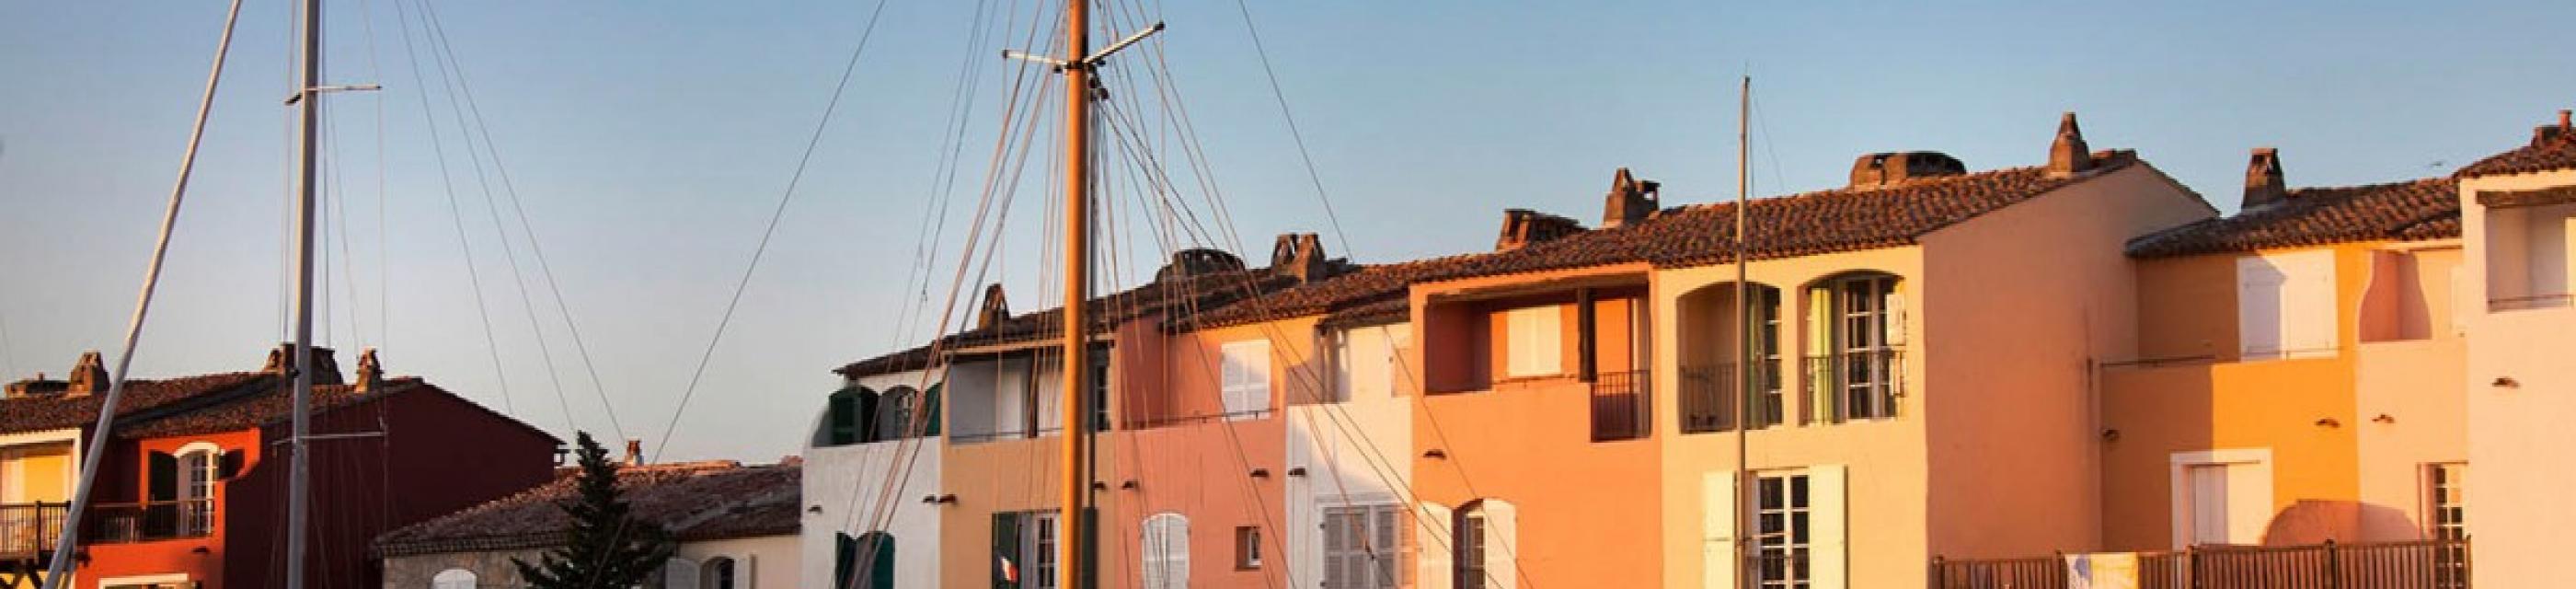 Estimation immobilière Port Grimaud